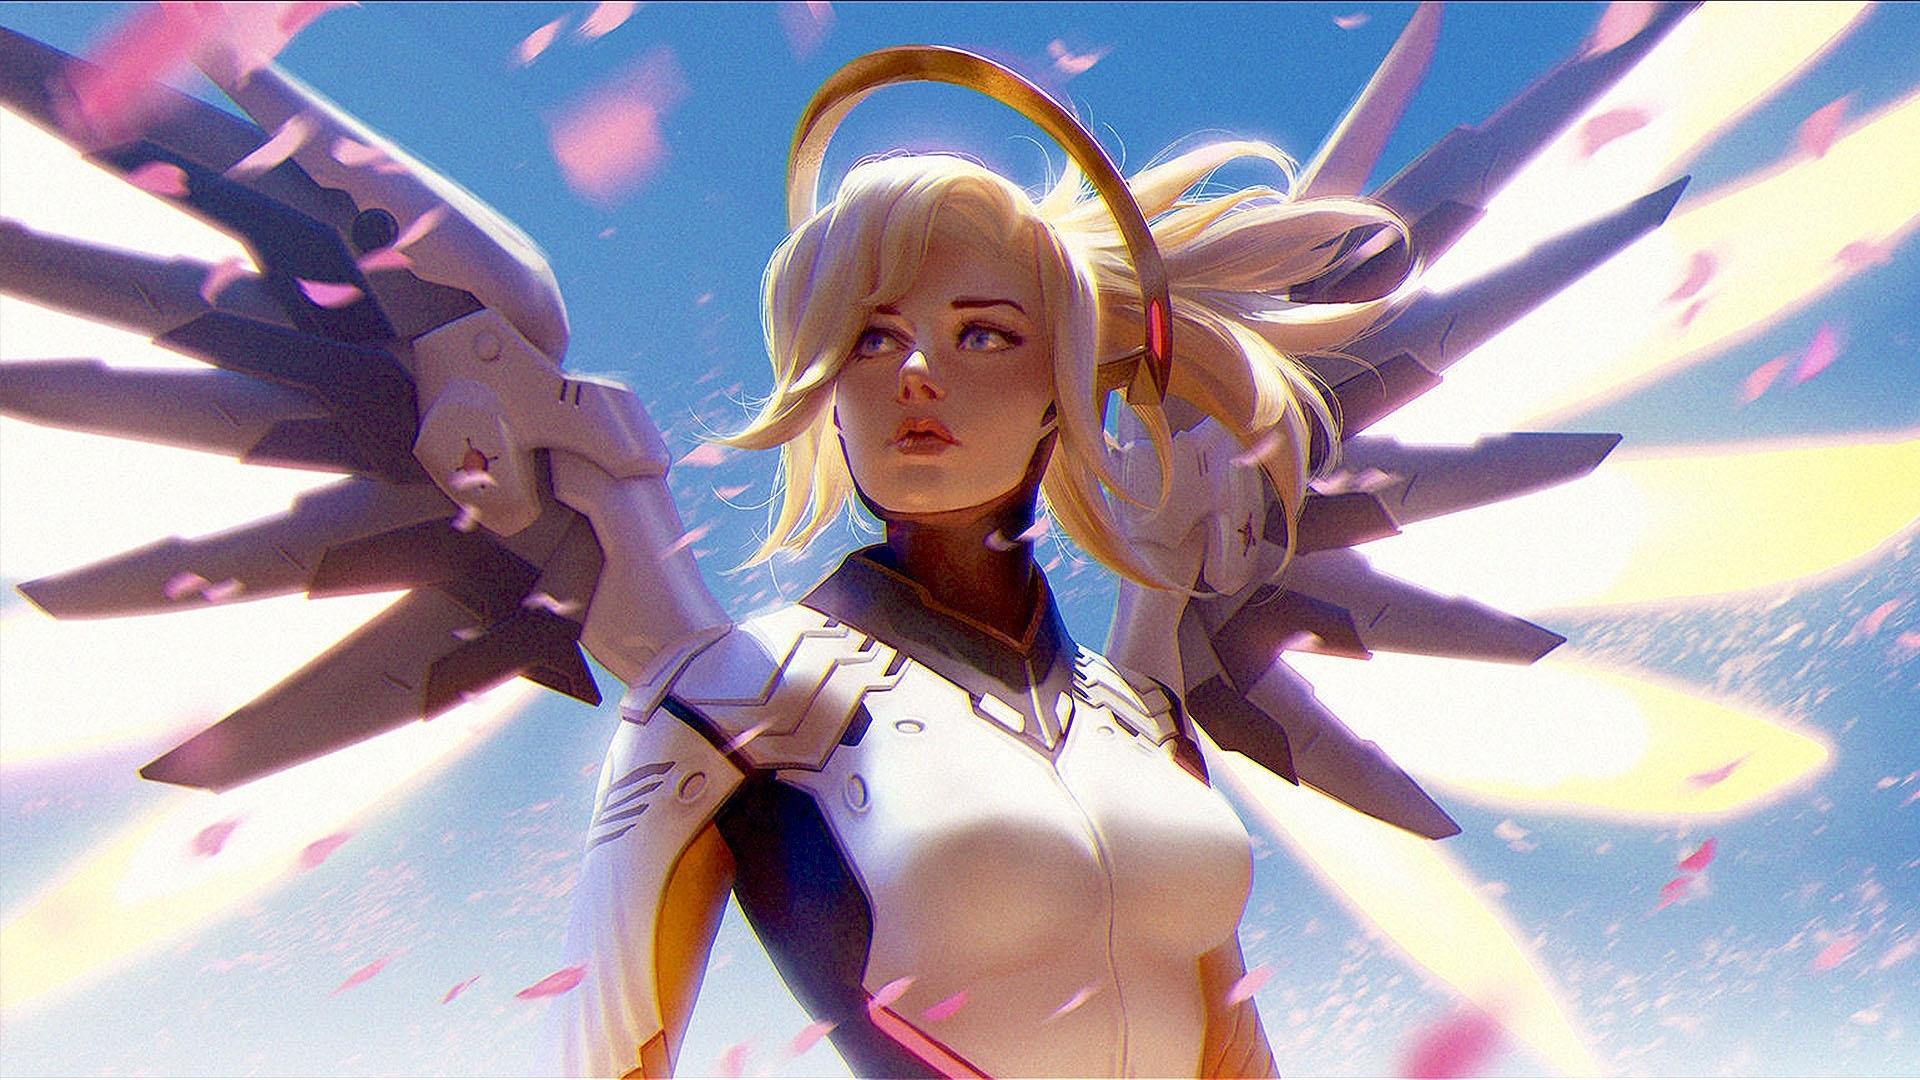 art-girl-overwatch-mercy